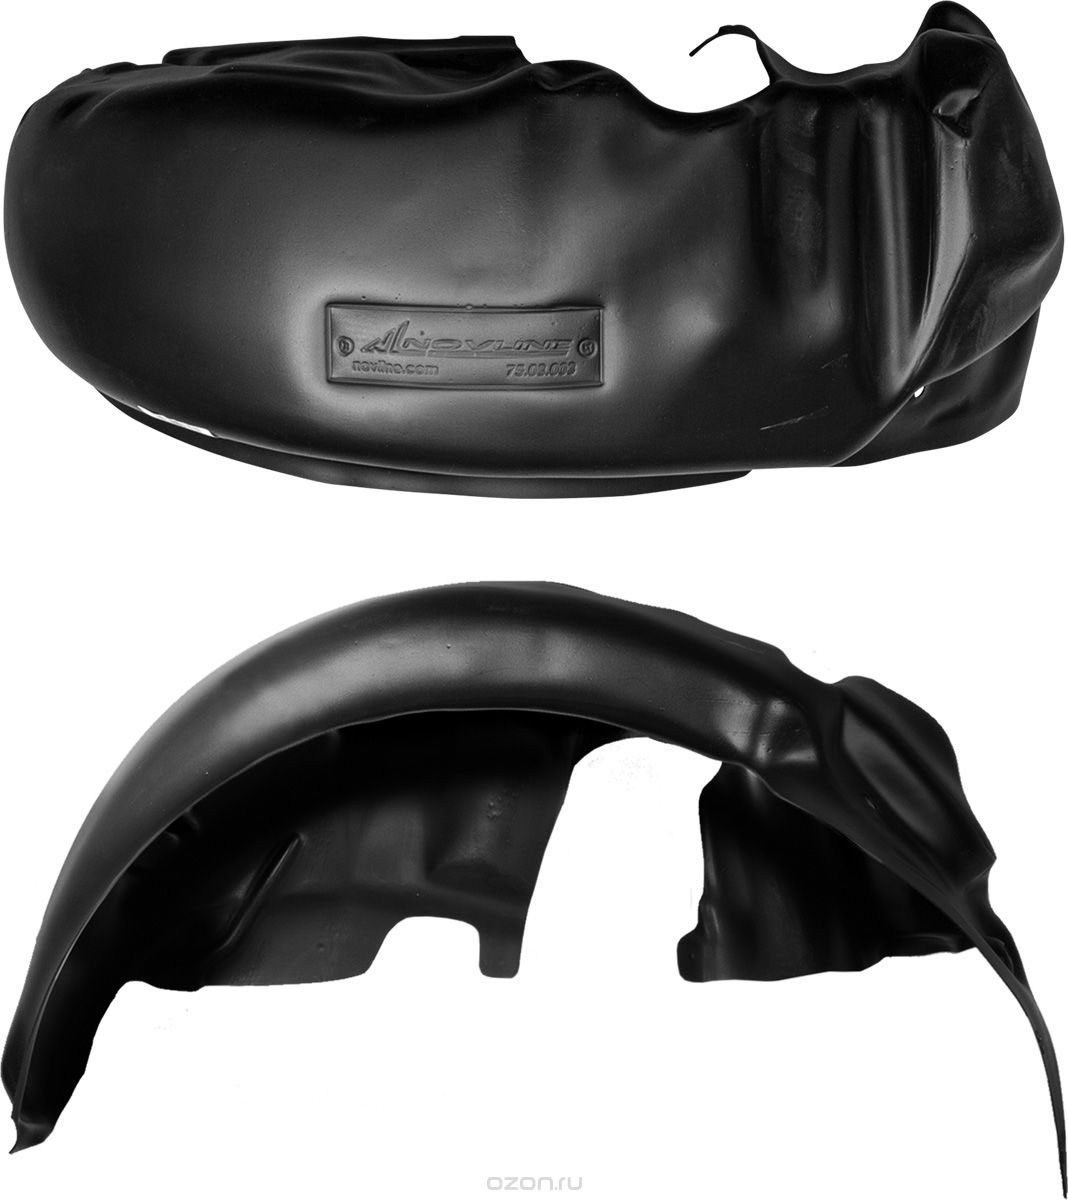 Подкрылок Novline-Autofamily, для BRILLIANCE H230, 04/2015->, задний левыйDW90Идеальная защита колесной ниши. Локеры разработаны с применением цифровых технологий, гарантируют максимальную повторяемость поверхности арки. Изделия устанавливаются без нарушения лакокрасочного покрытия автомобиля, каждый подкрылок комплектуется крепежом. Уважаемые клиенты, обращаем ваше внимание, что фотографии на подкрылки универсальные и не отражают реальную форму изделия. При этом само изделие идет точно под размер указанного автомобиля.